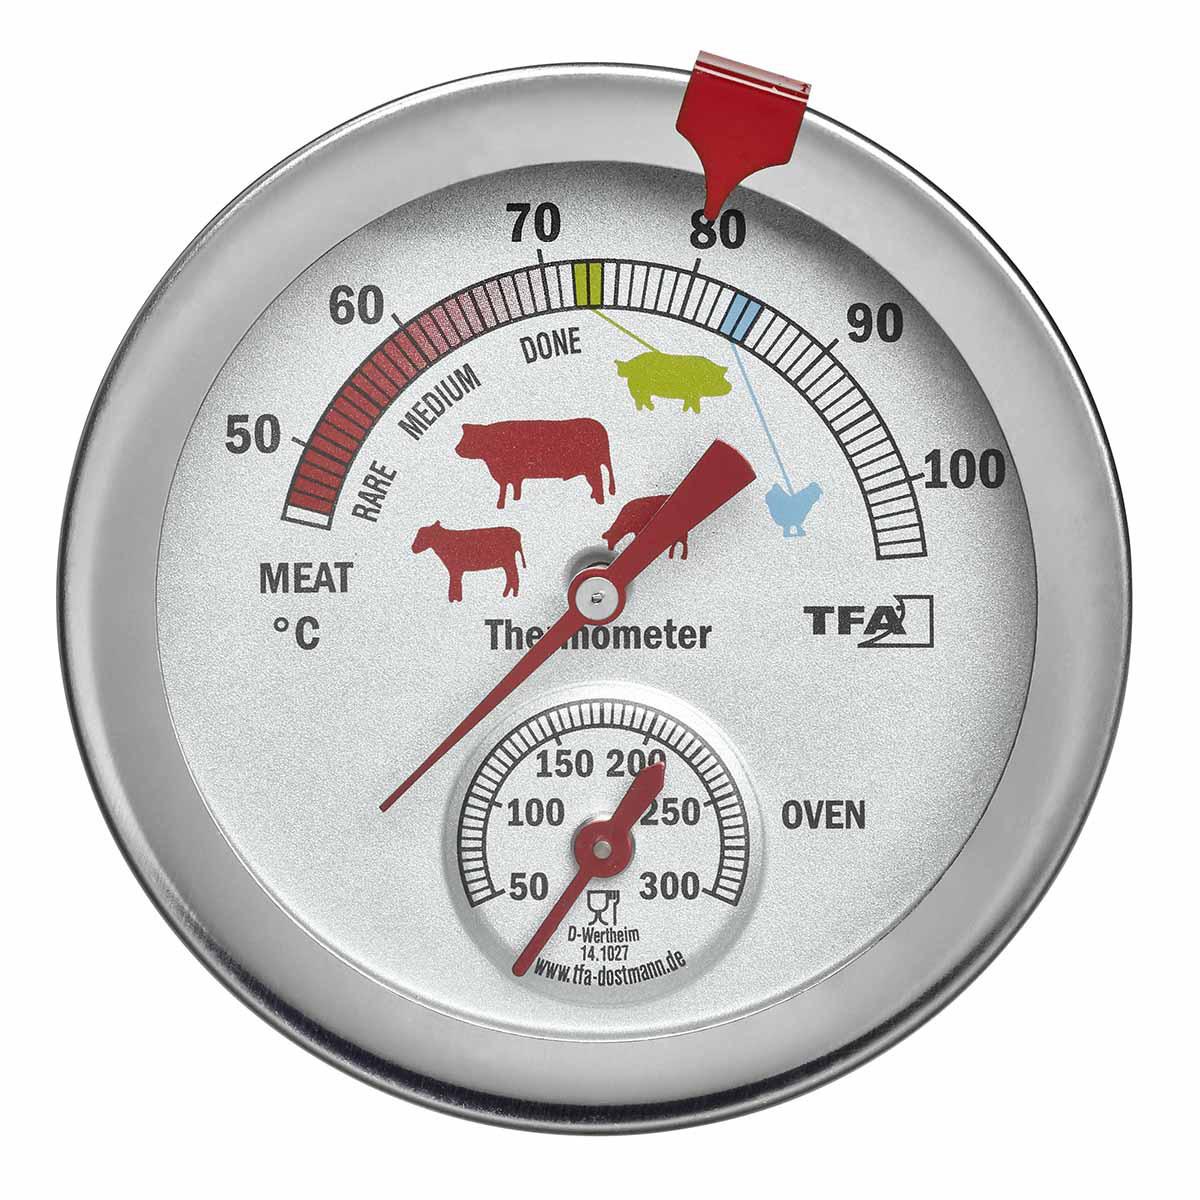 14-1027-analoges-braten-ofenthermometer-ansicht-1200x1200px.jpg